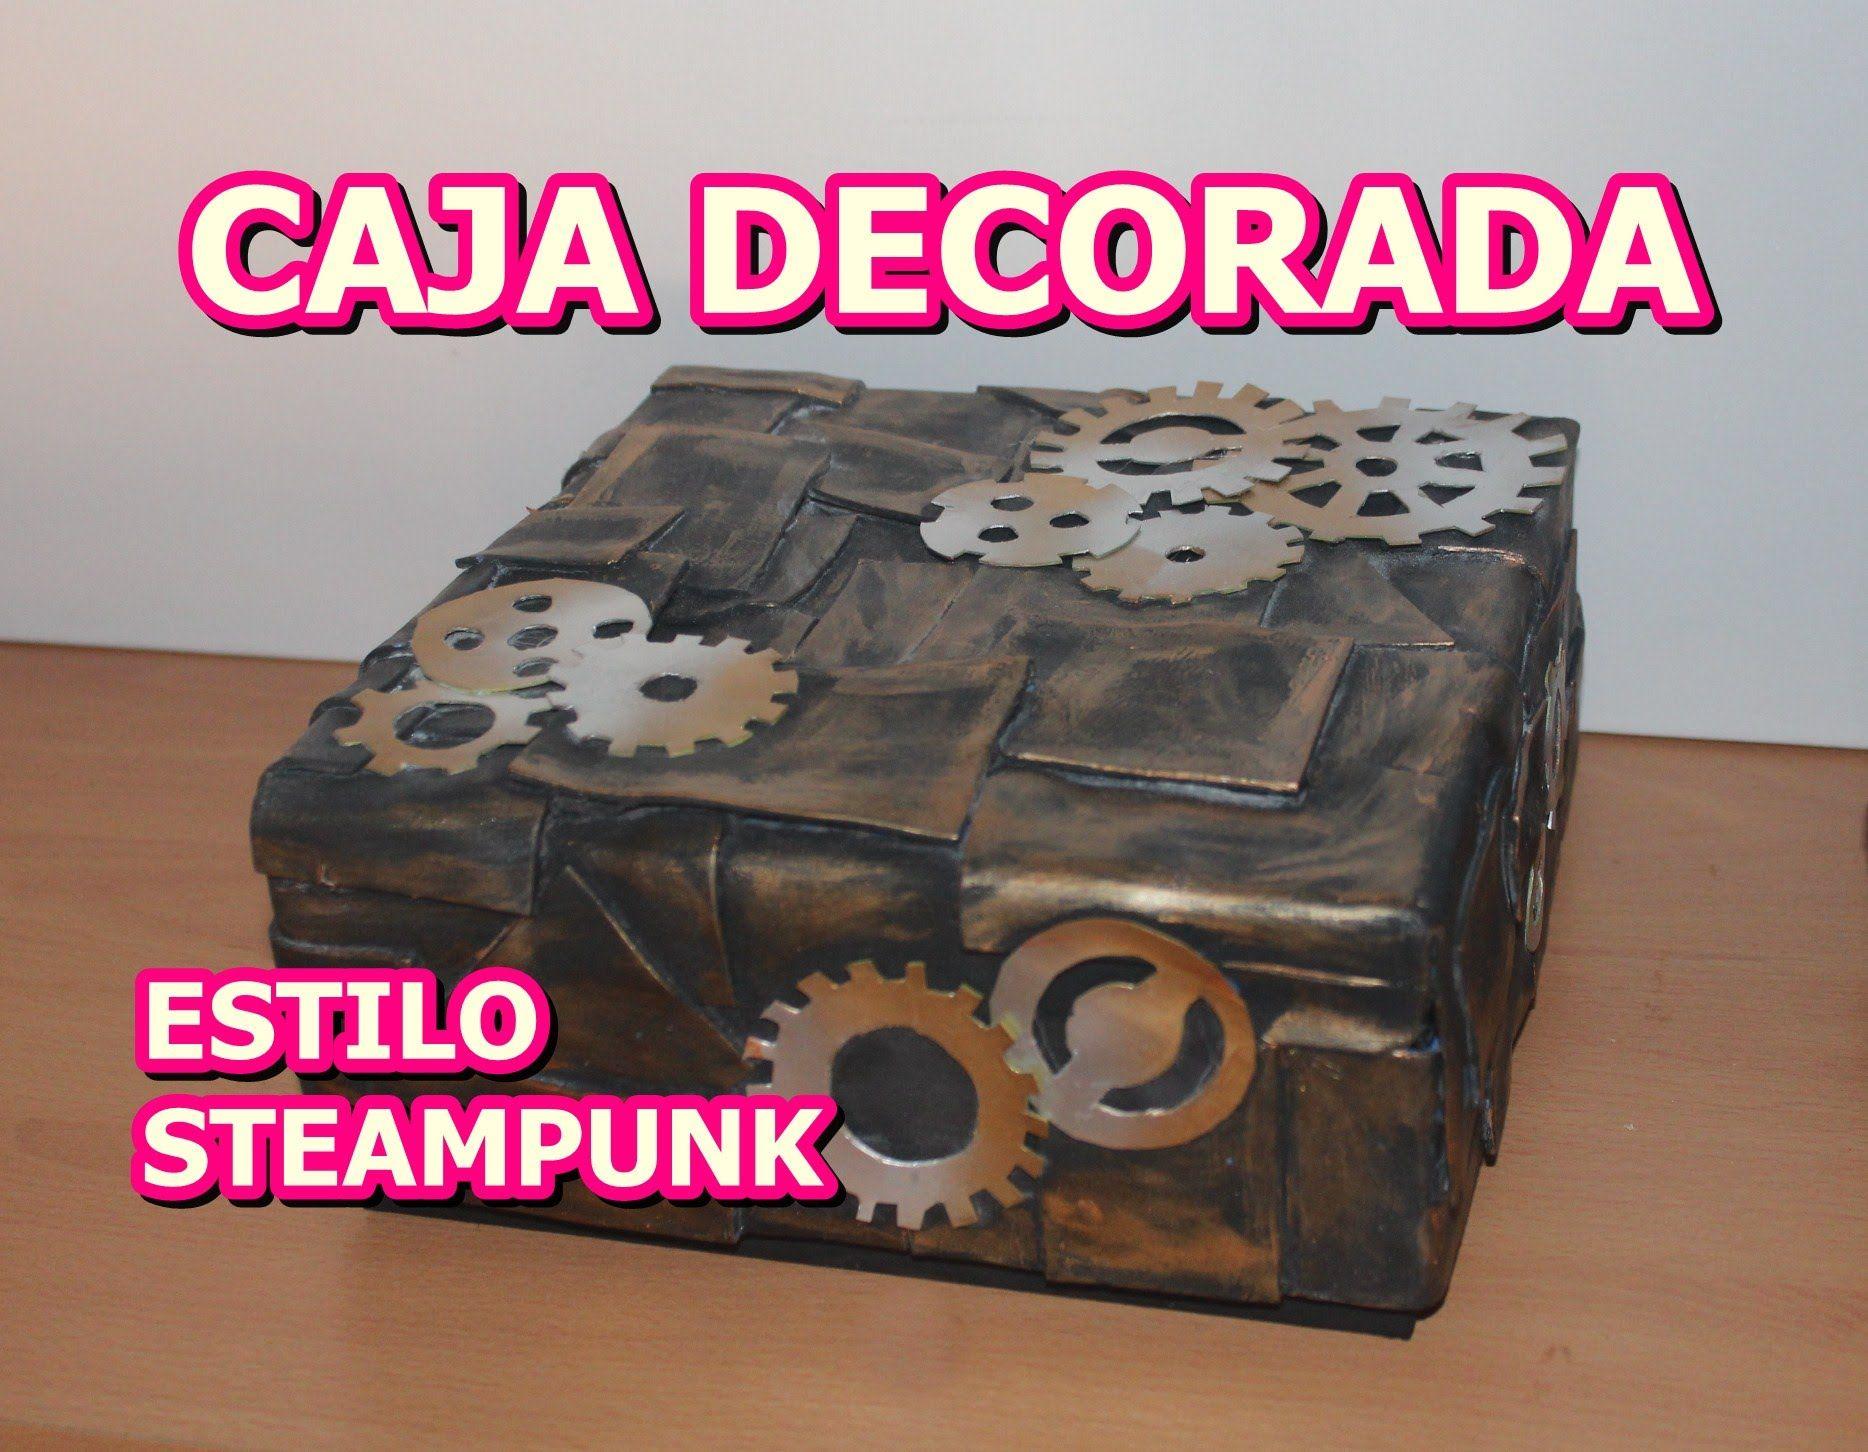 Como decorar caja de carton con goma eva estilo steampunk - Como decorar una caja de metal ...